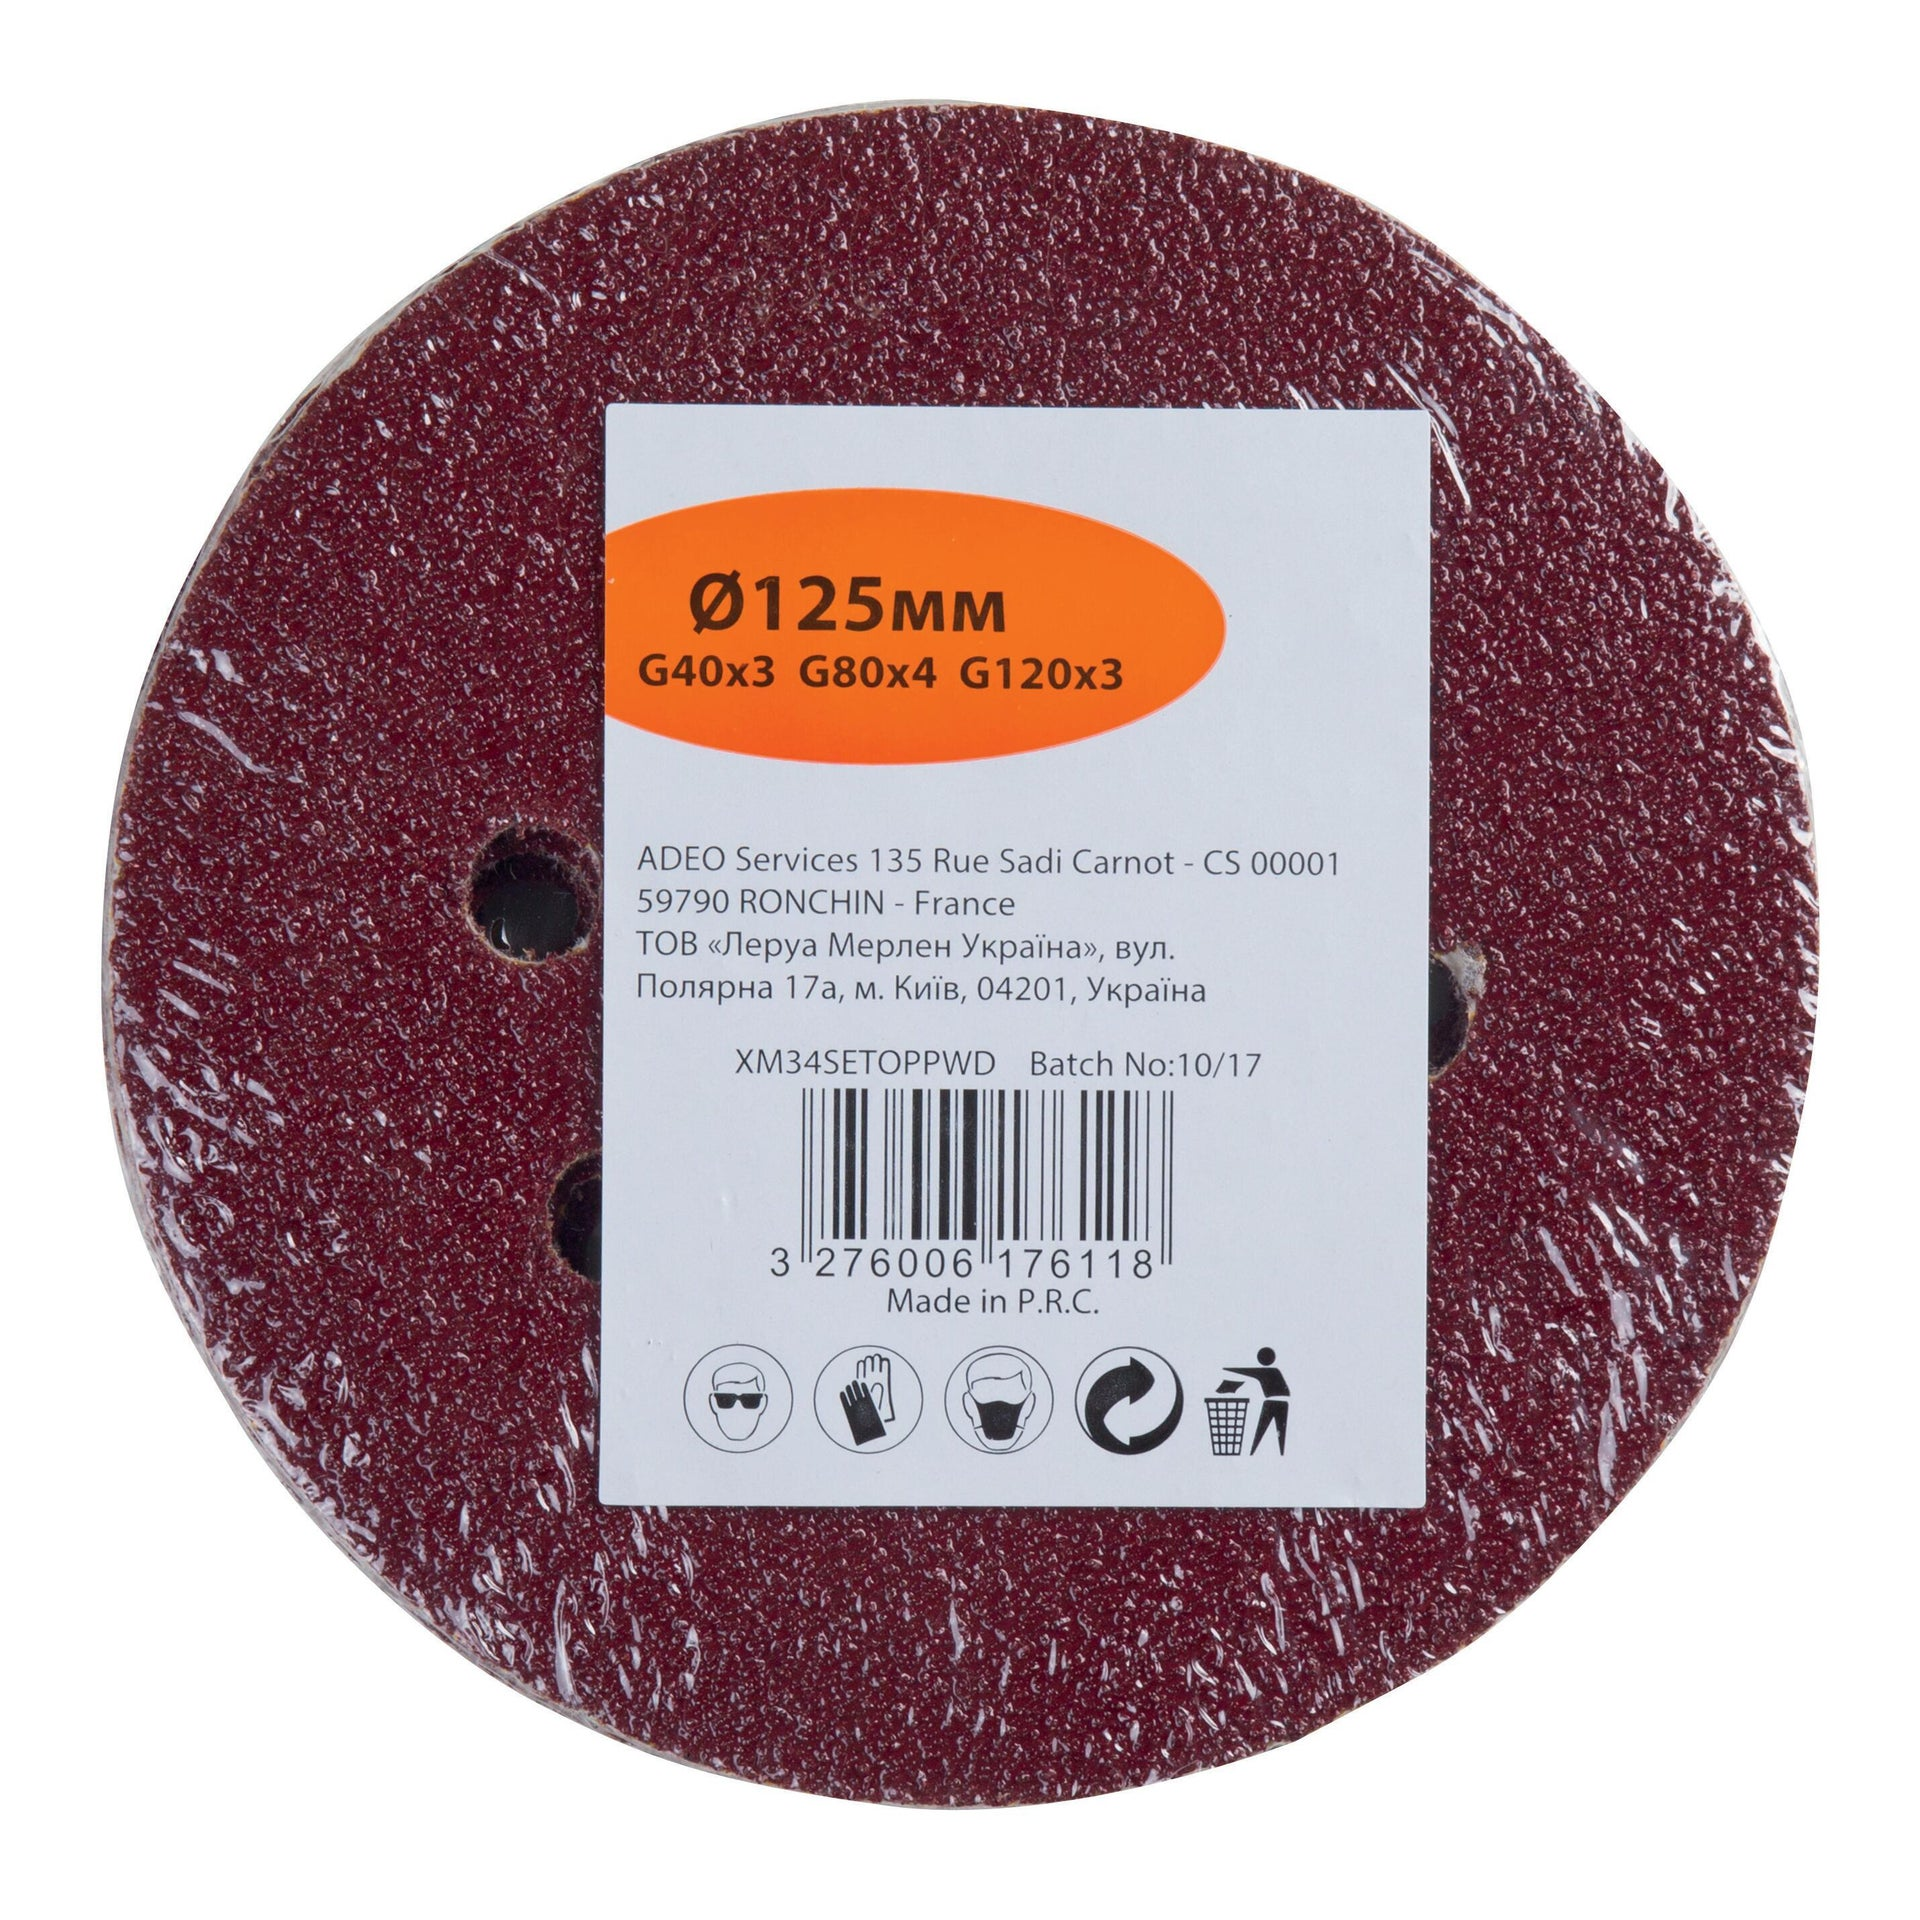 Disco abrasivo strappo grana Assortita - 2